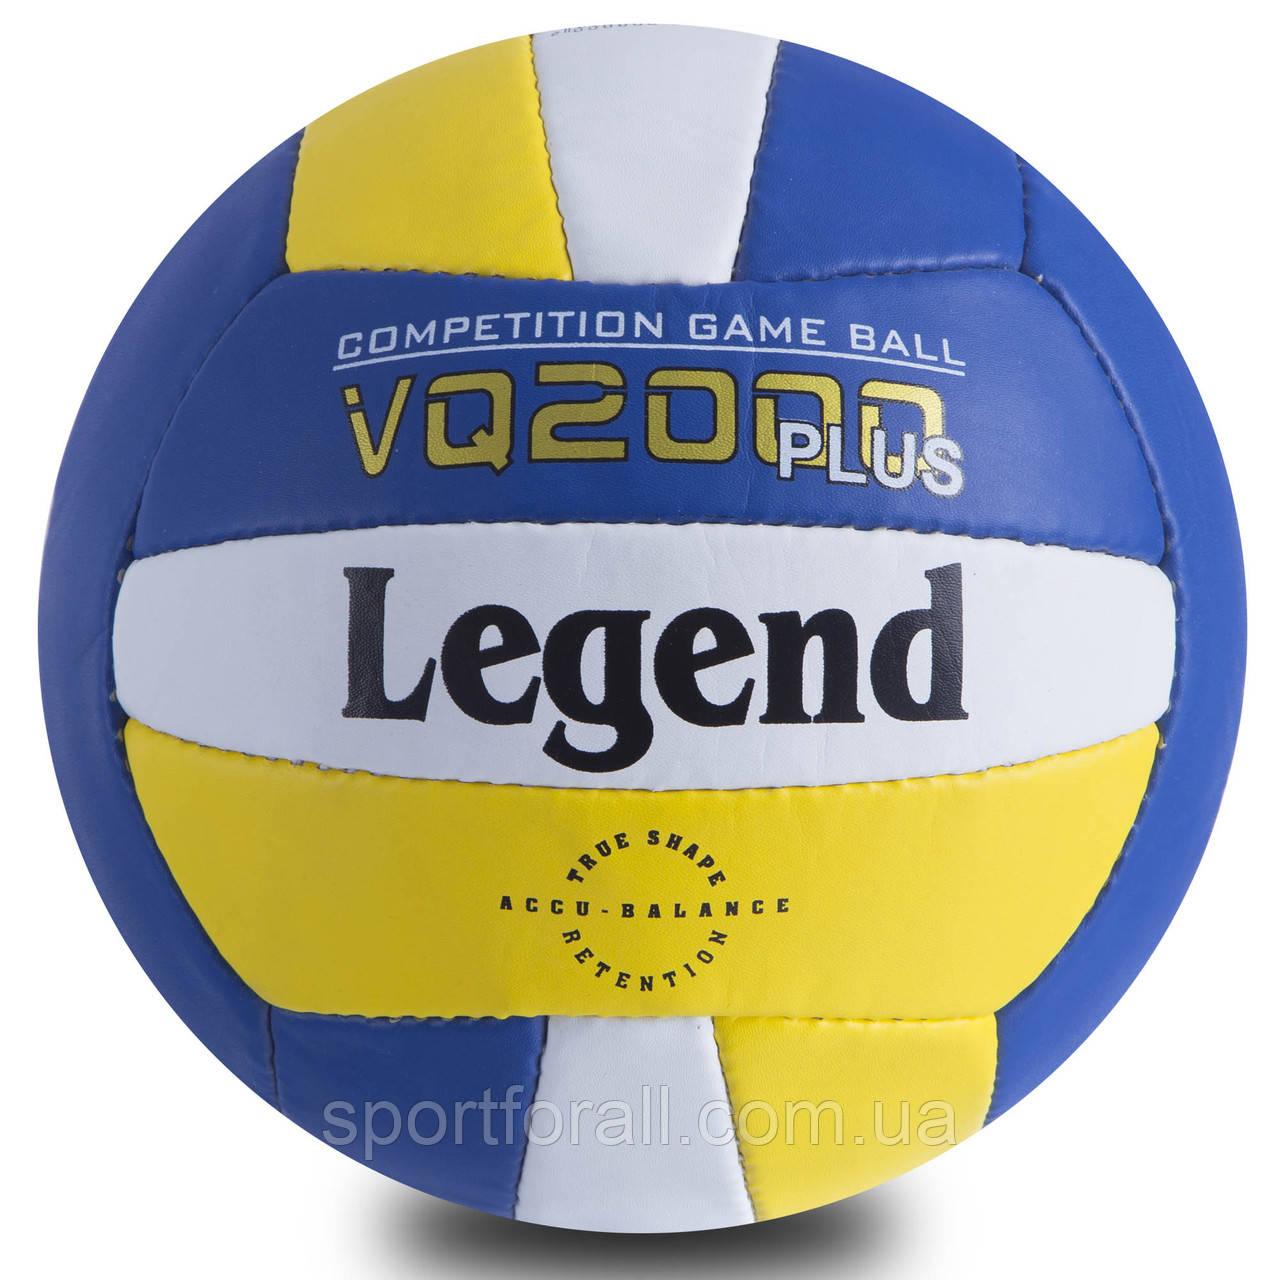 М'яч волейбольний PU LEGEND (PU, №5, 3 шари, зшитий вручну) LG-0691